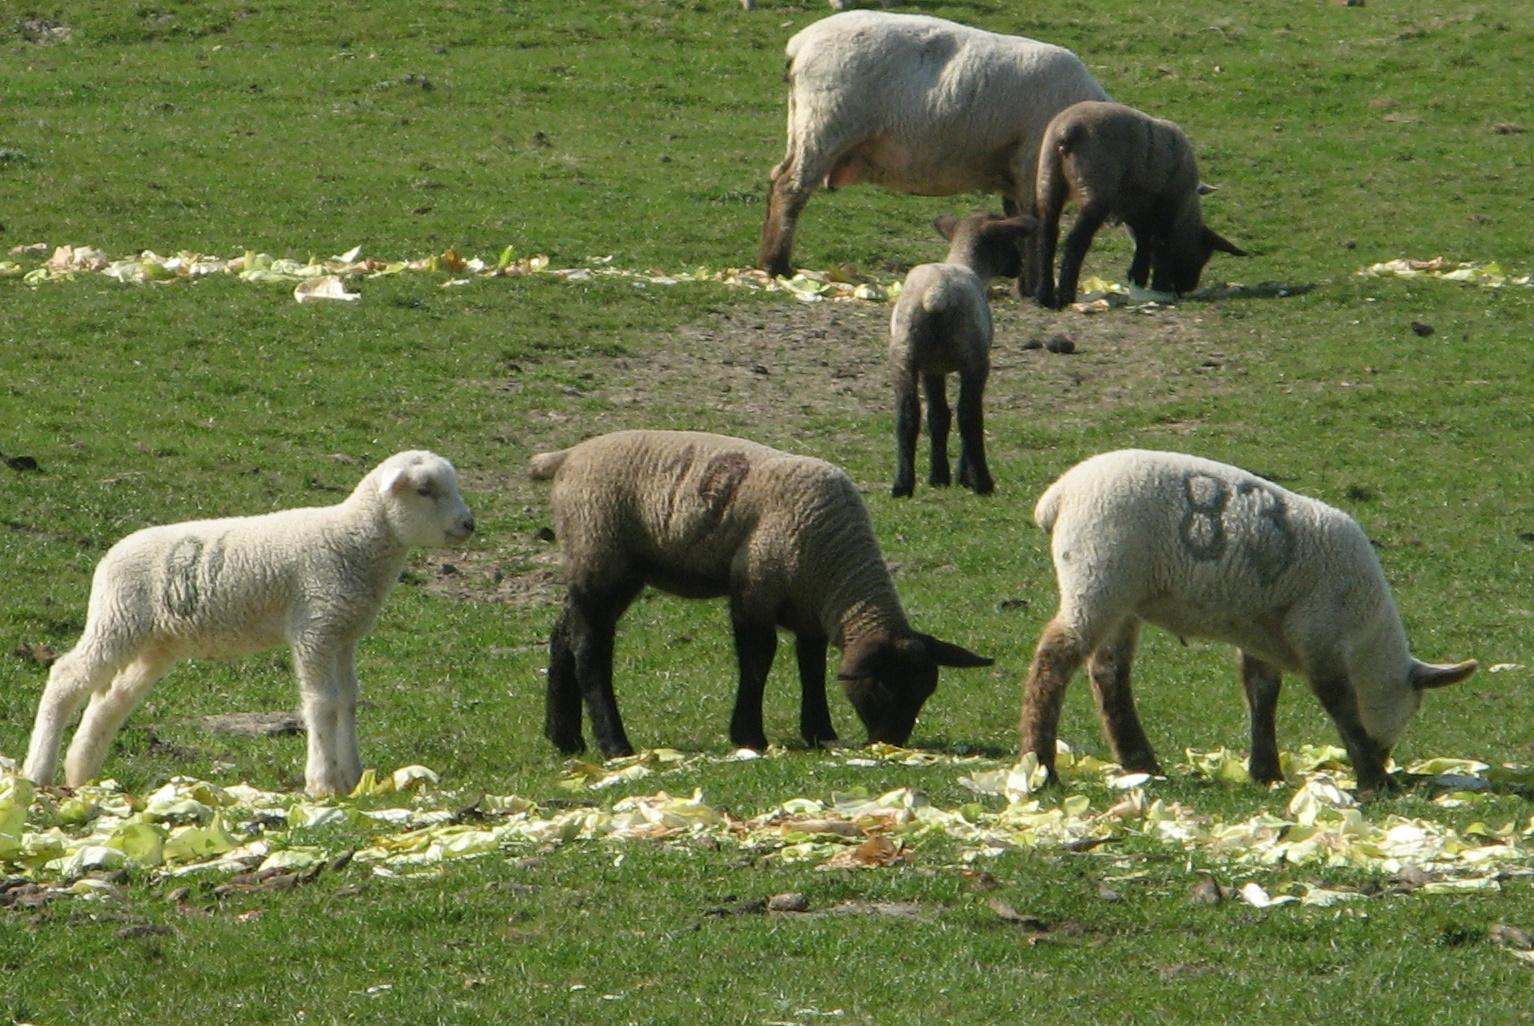 Schafe auf Kohlfeld. Ohne Deutschlandunk.